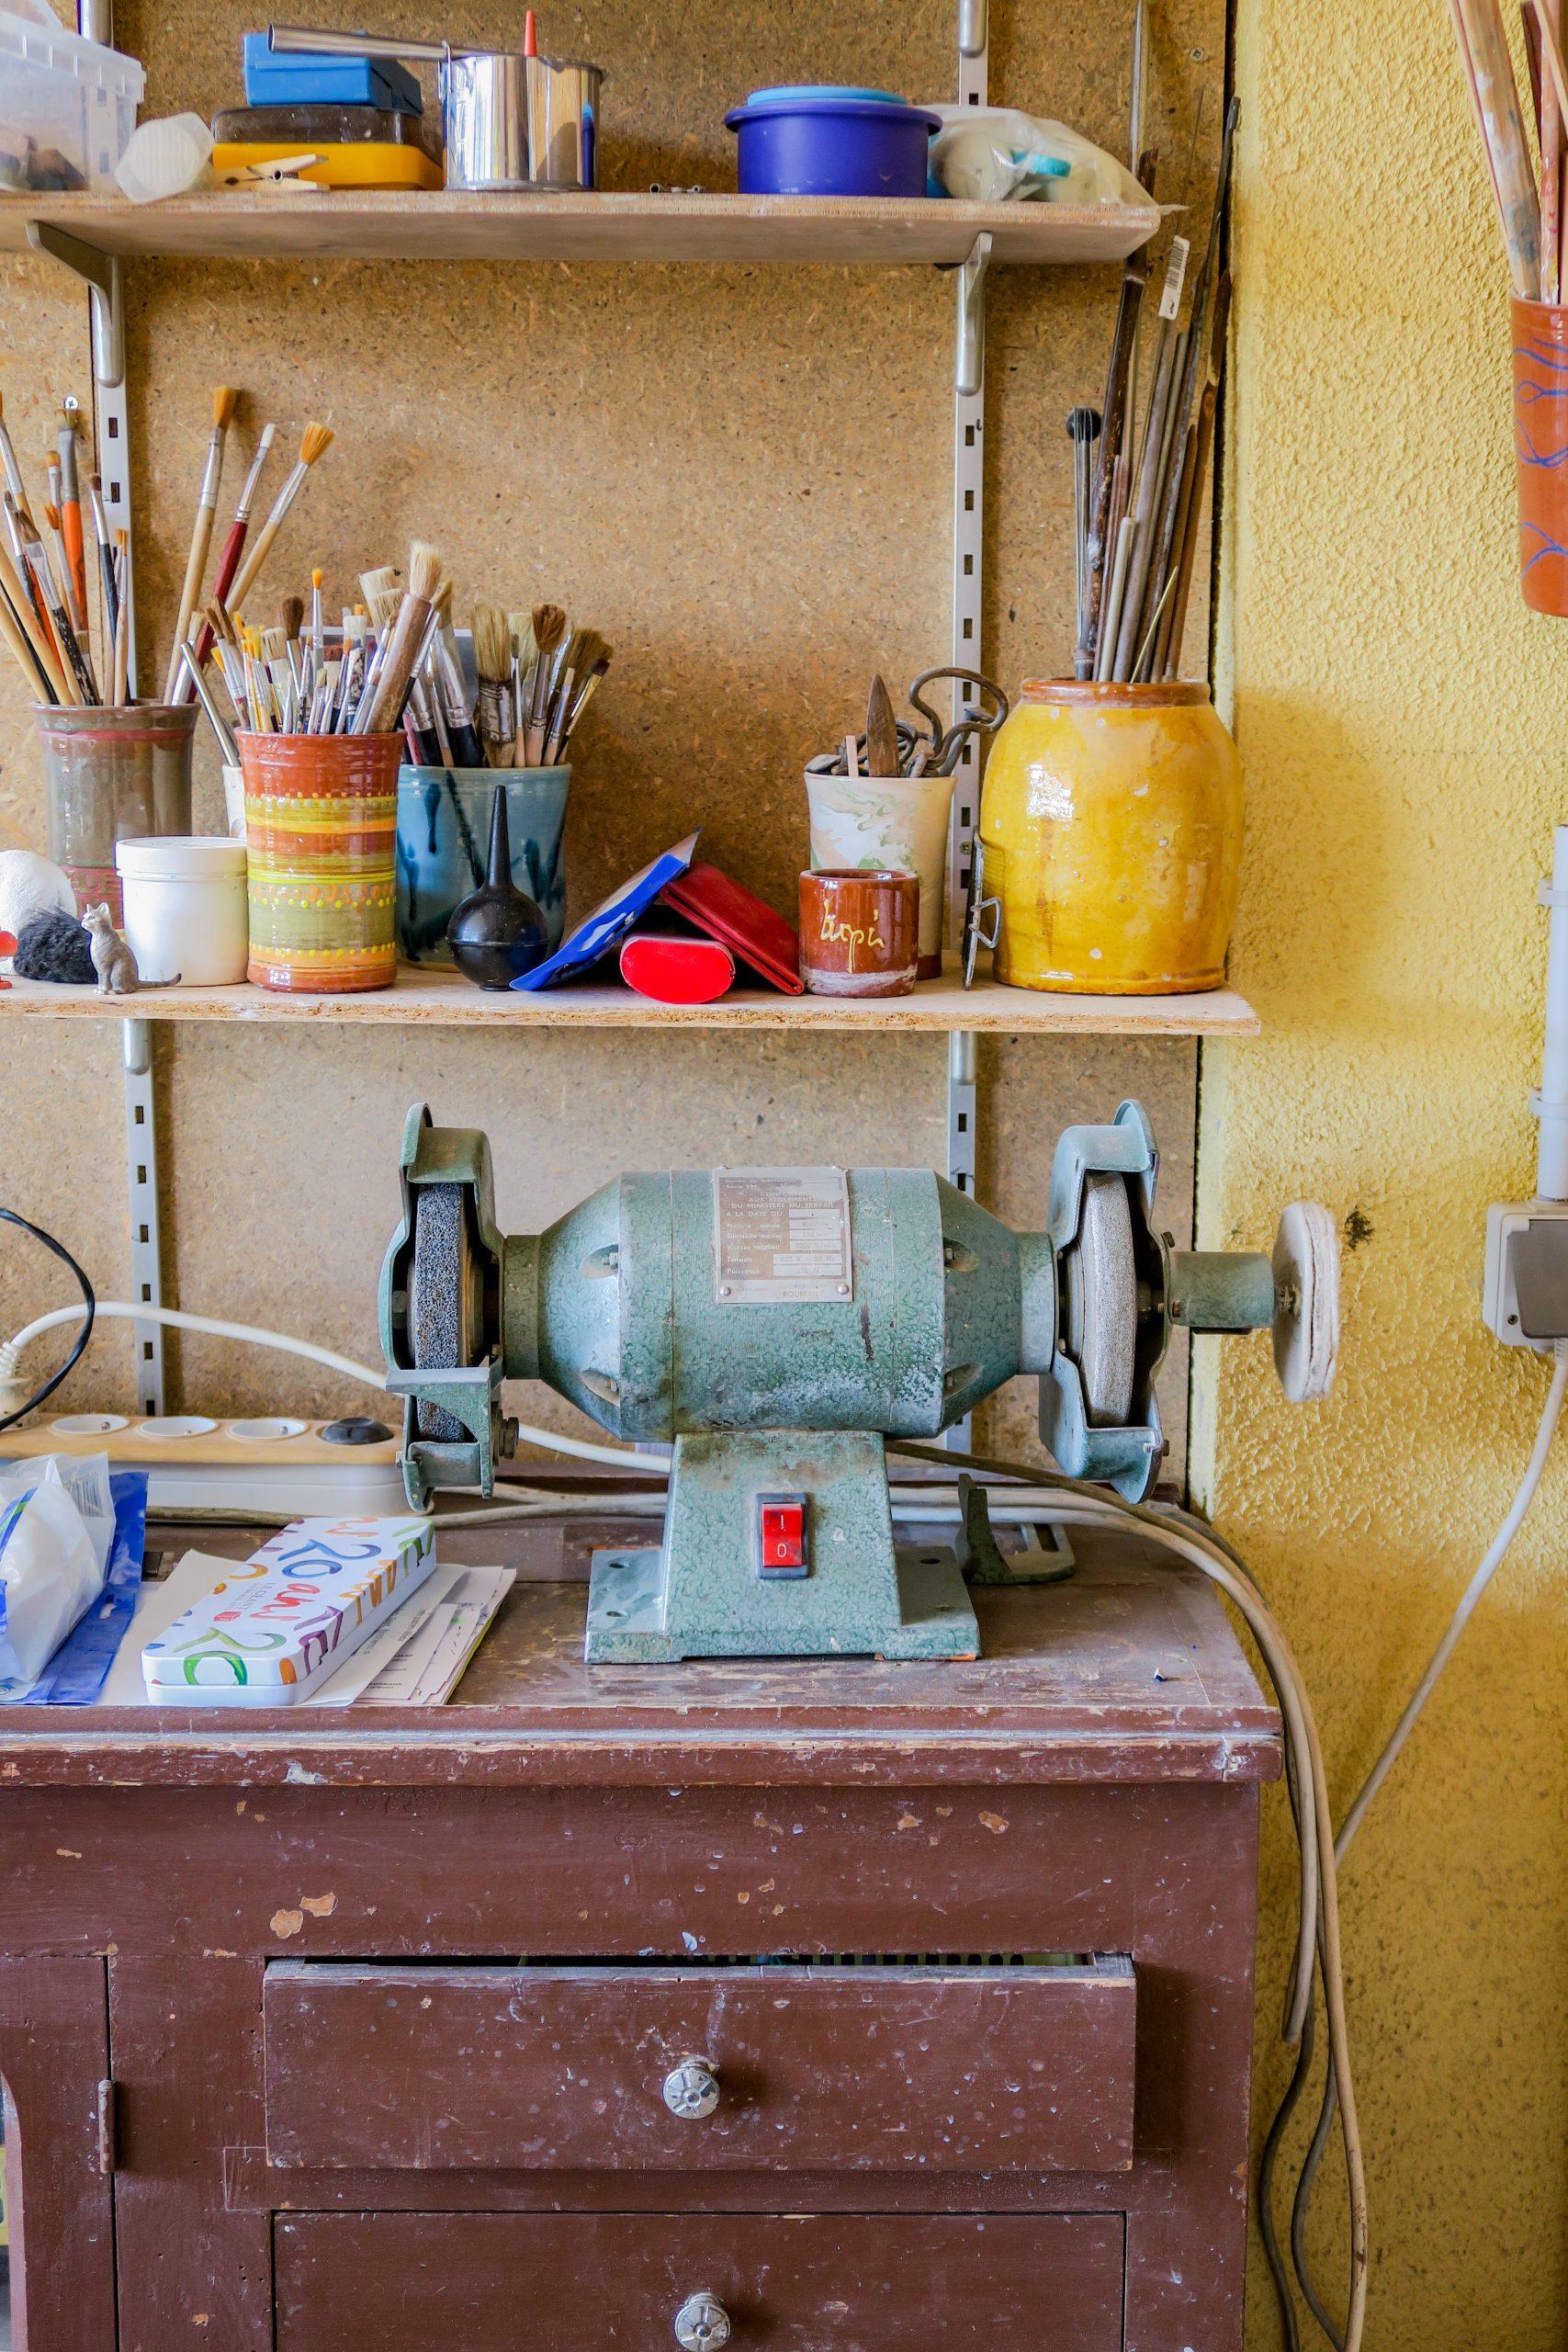 atelier de poterie molitg-les-bains